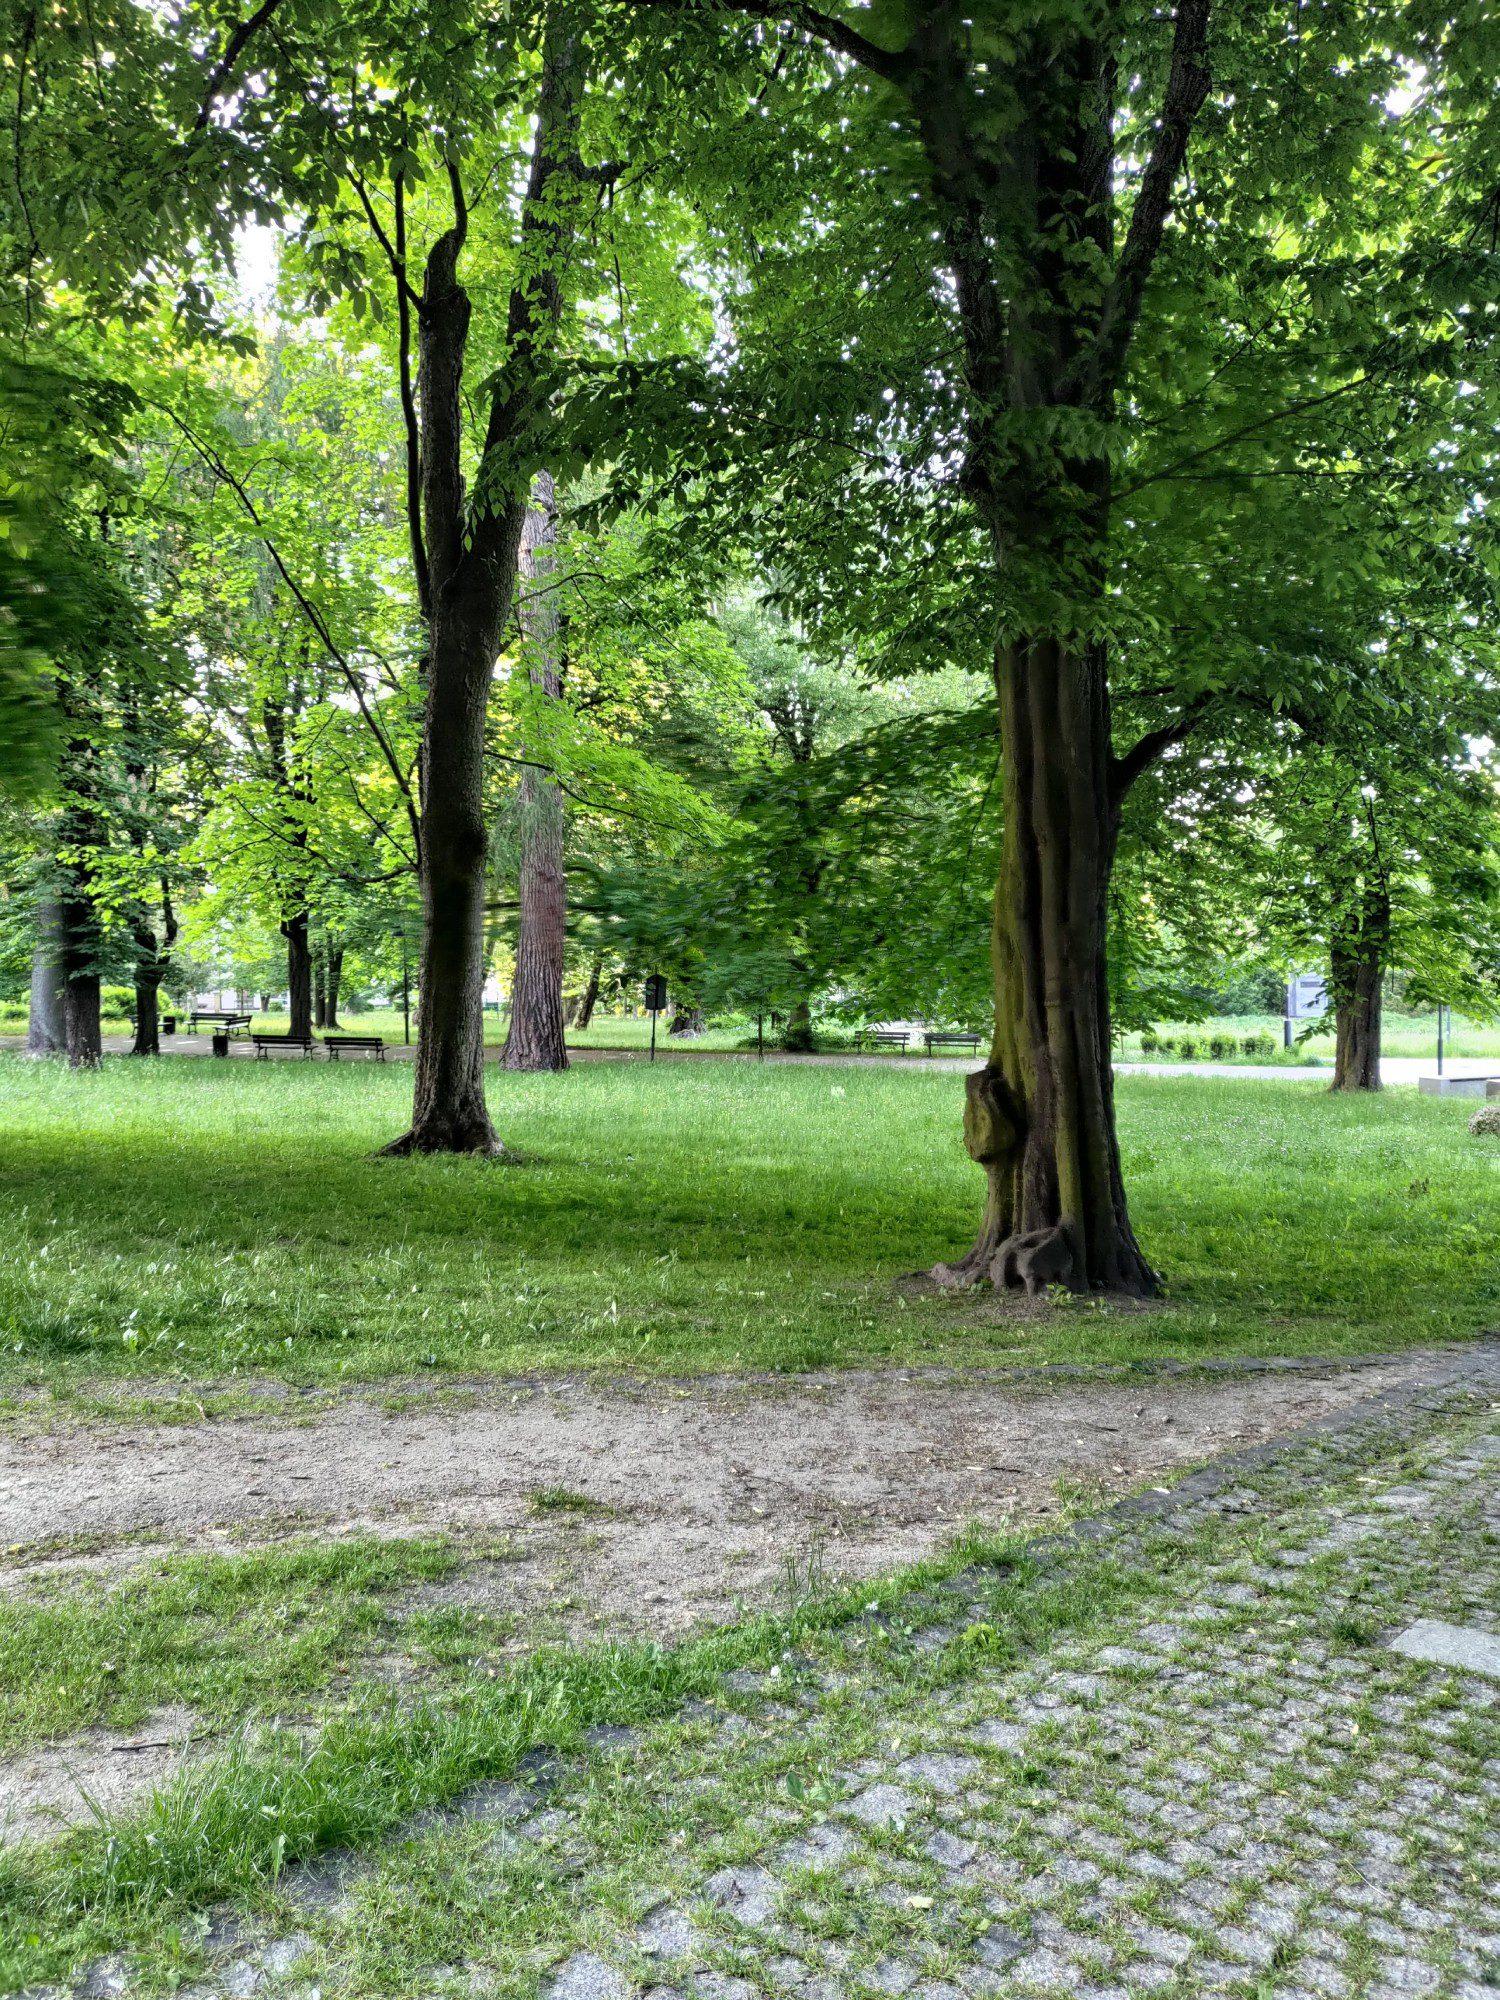 park zdjęcie aparatem zenfone 8